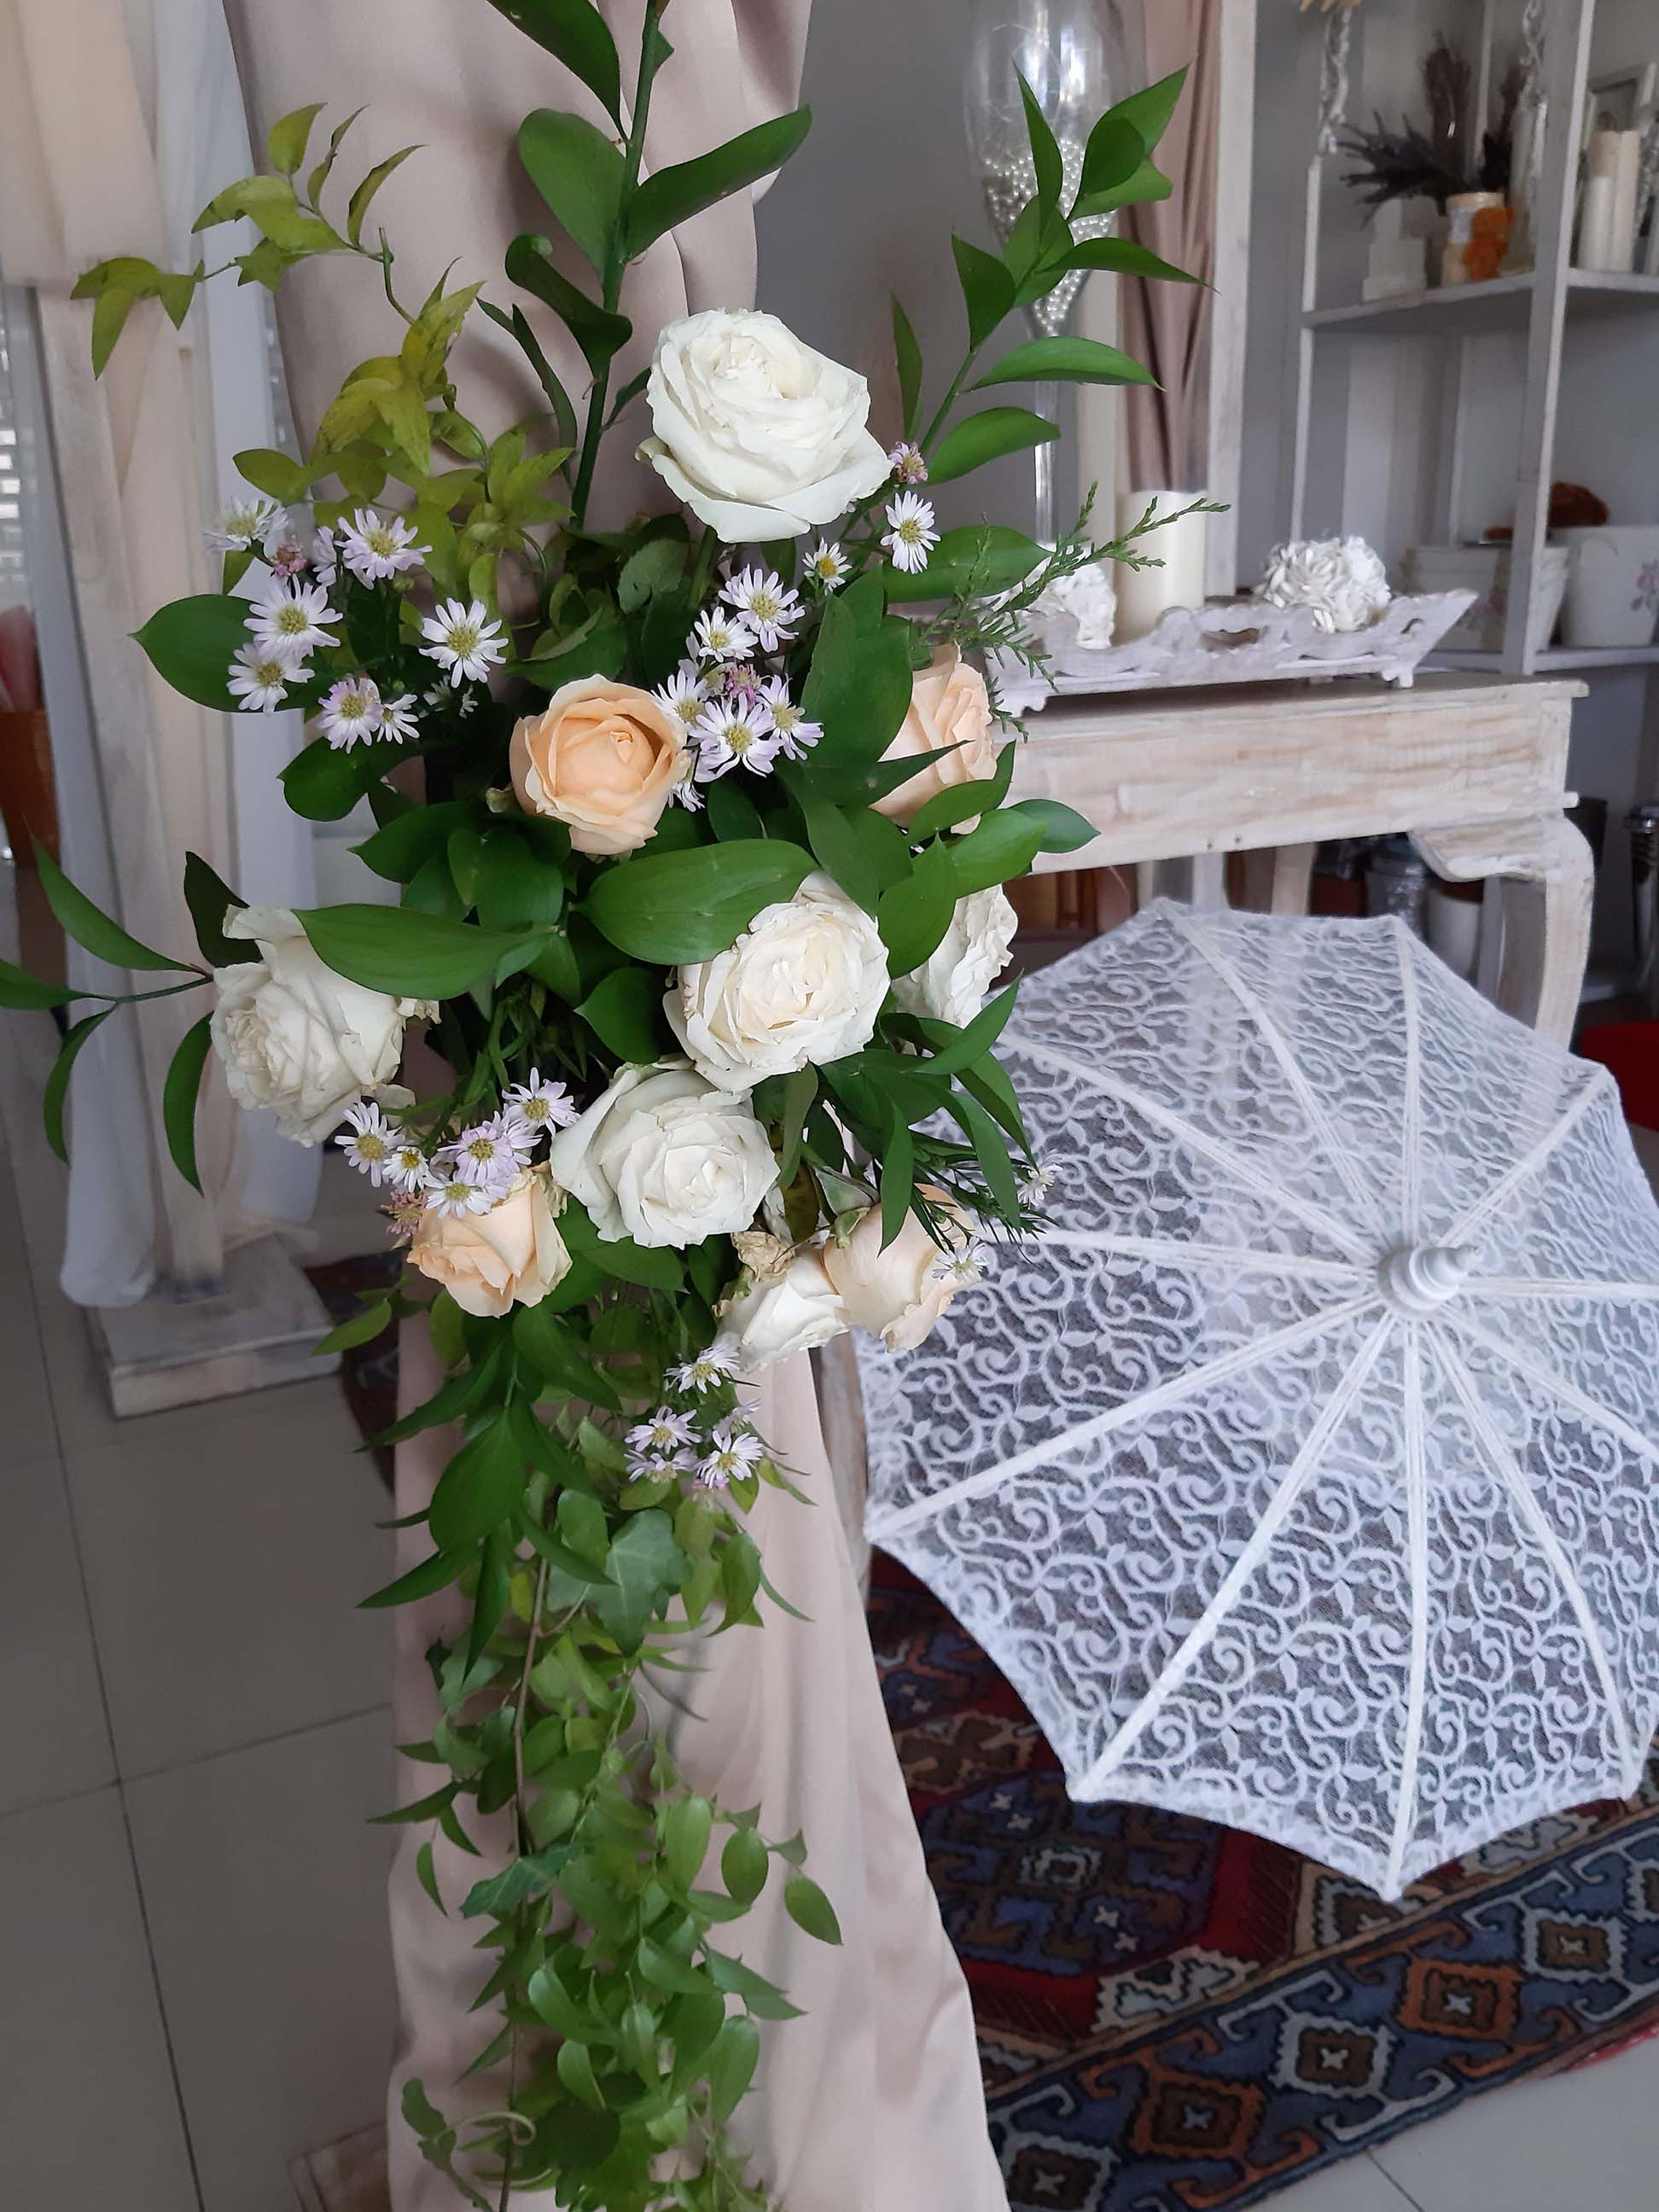 Bali Trop Florist & Decor - Best Bali Event Organiser